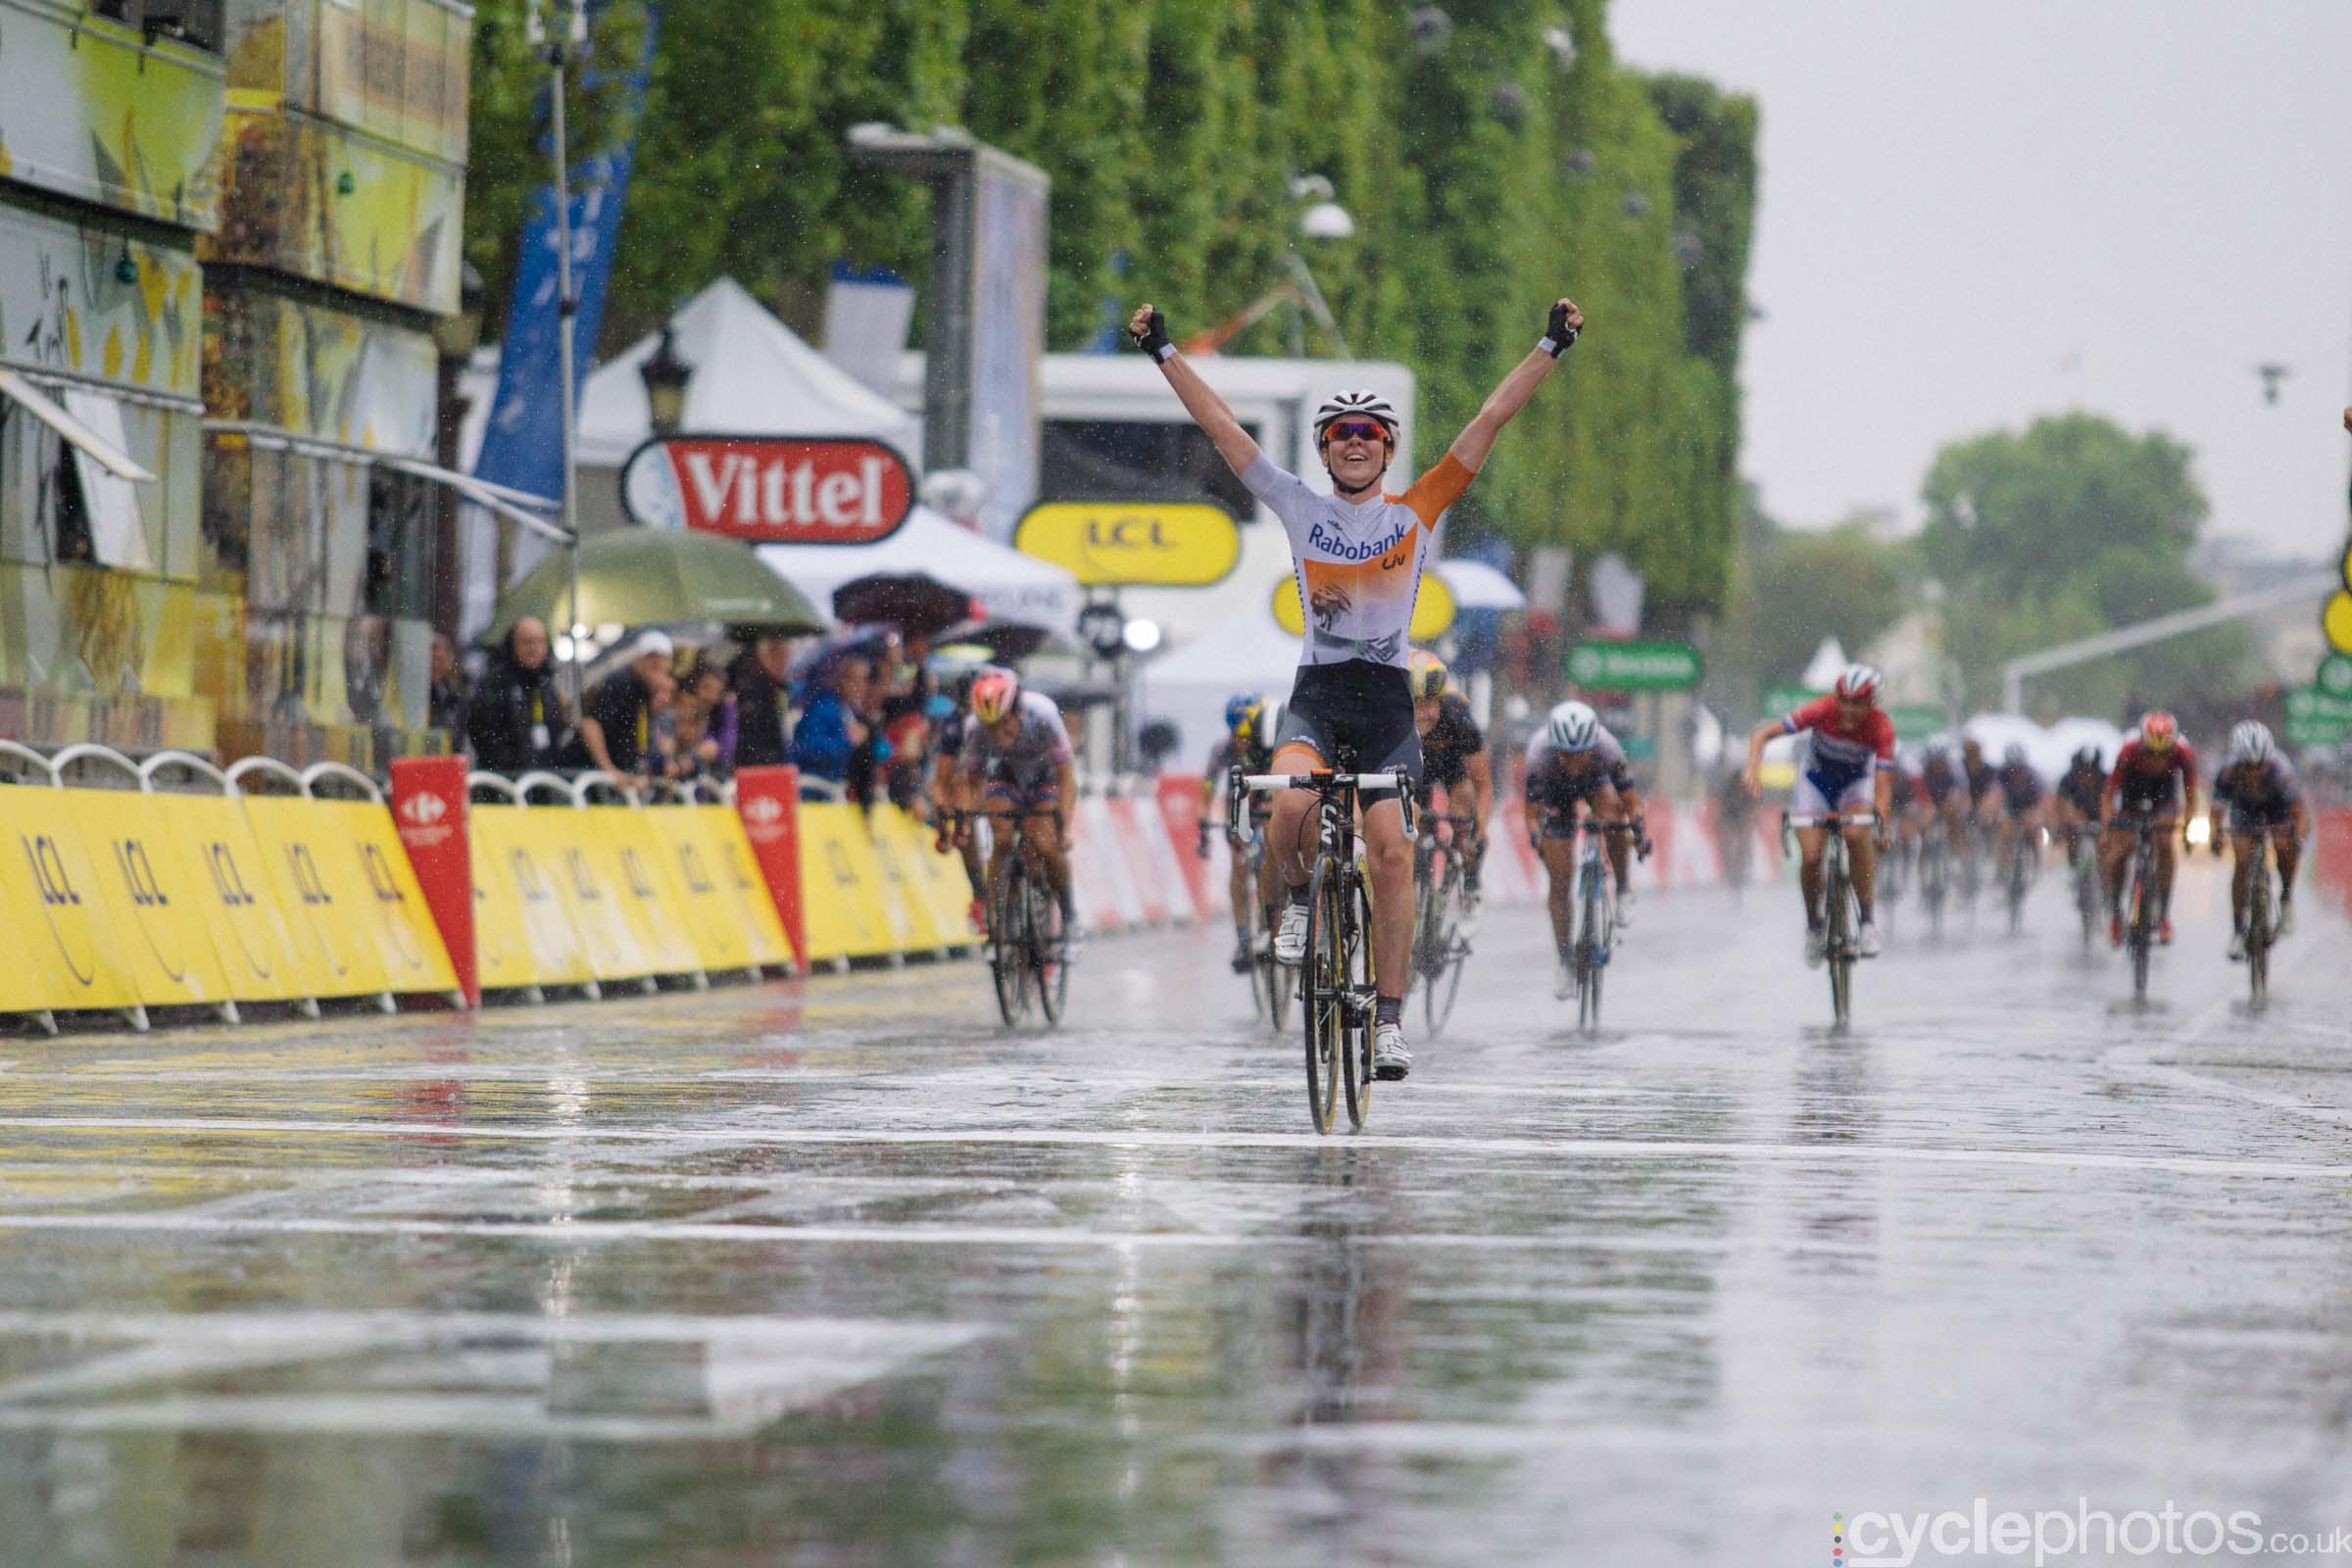 Anna van der Breggen wins the 2015 edition of the La Course by Le Tour women's road cycling race.